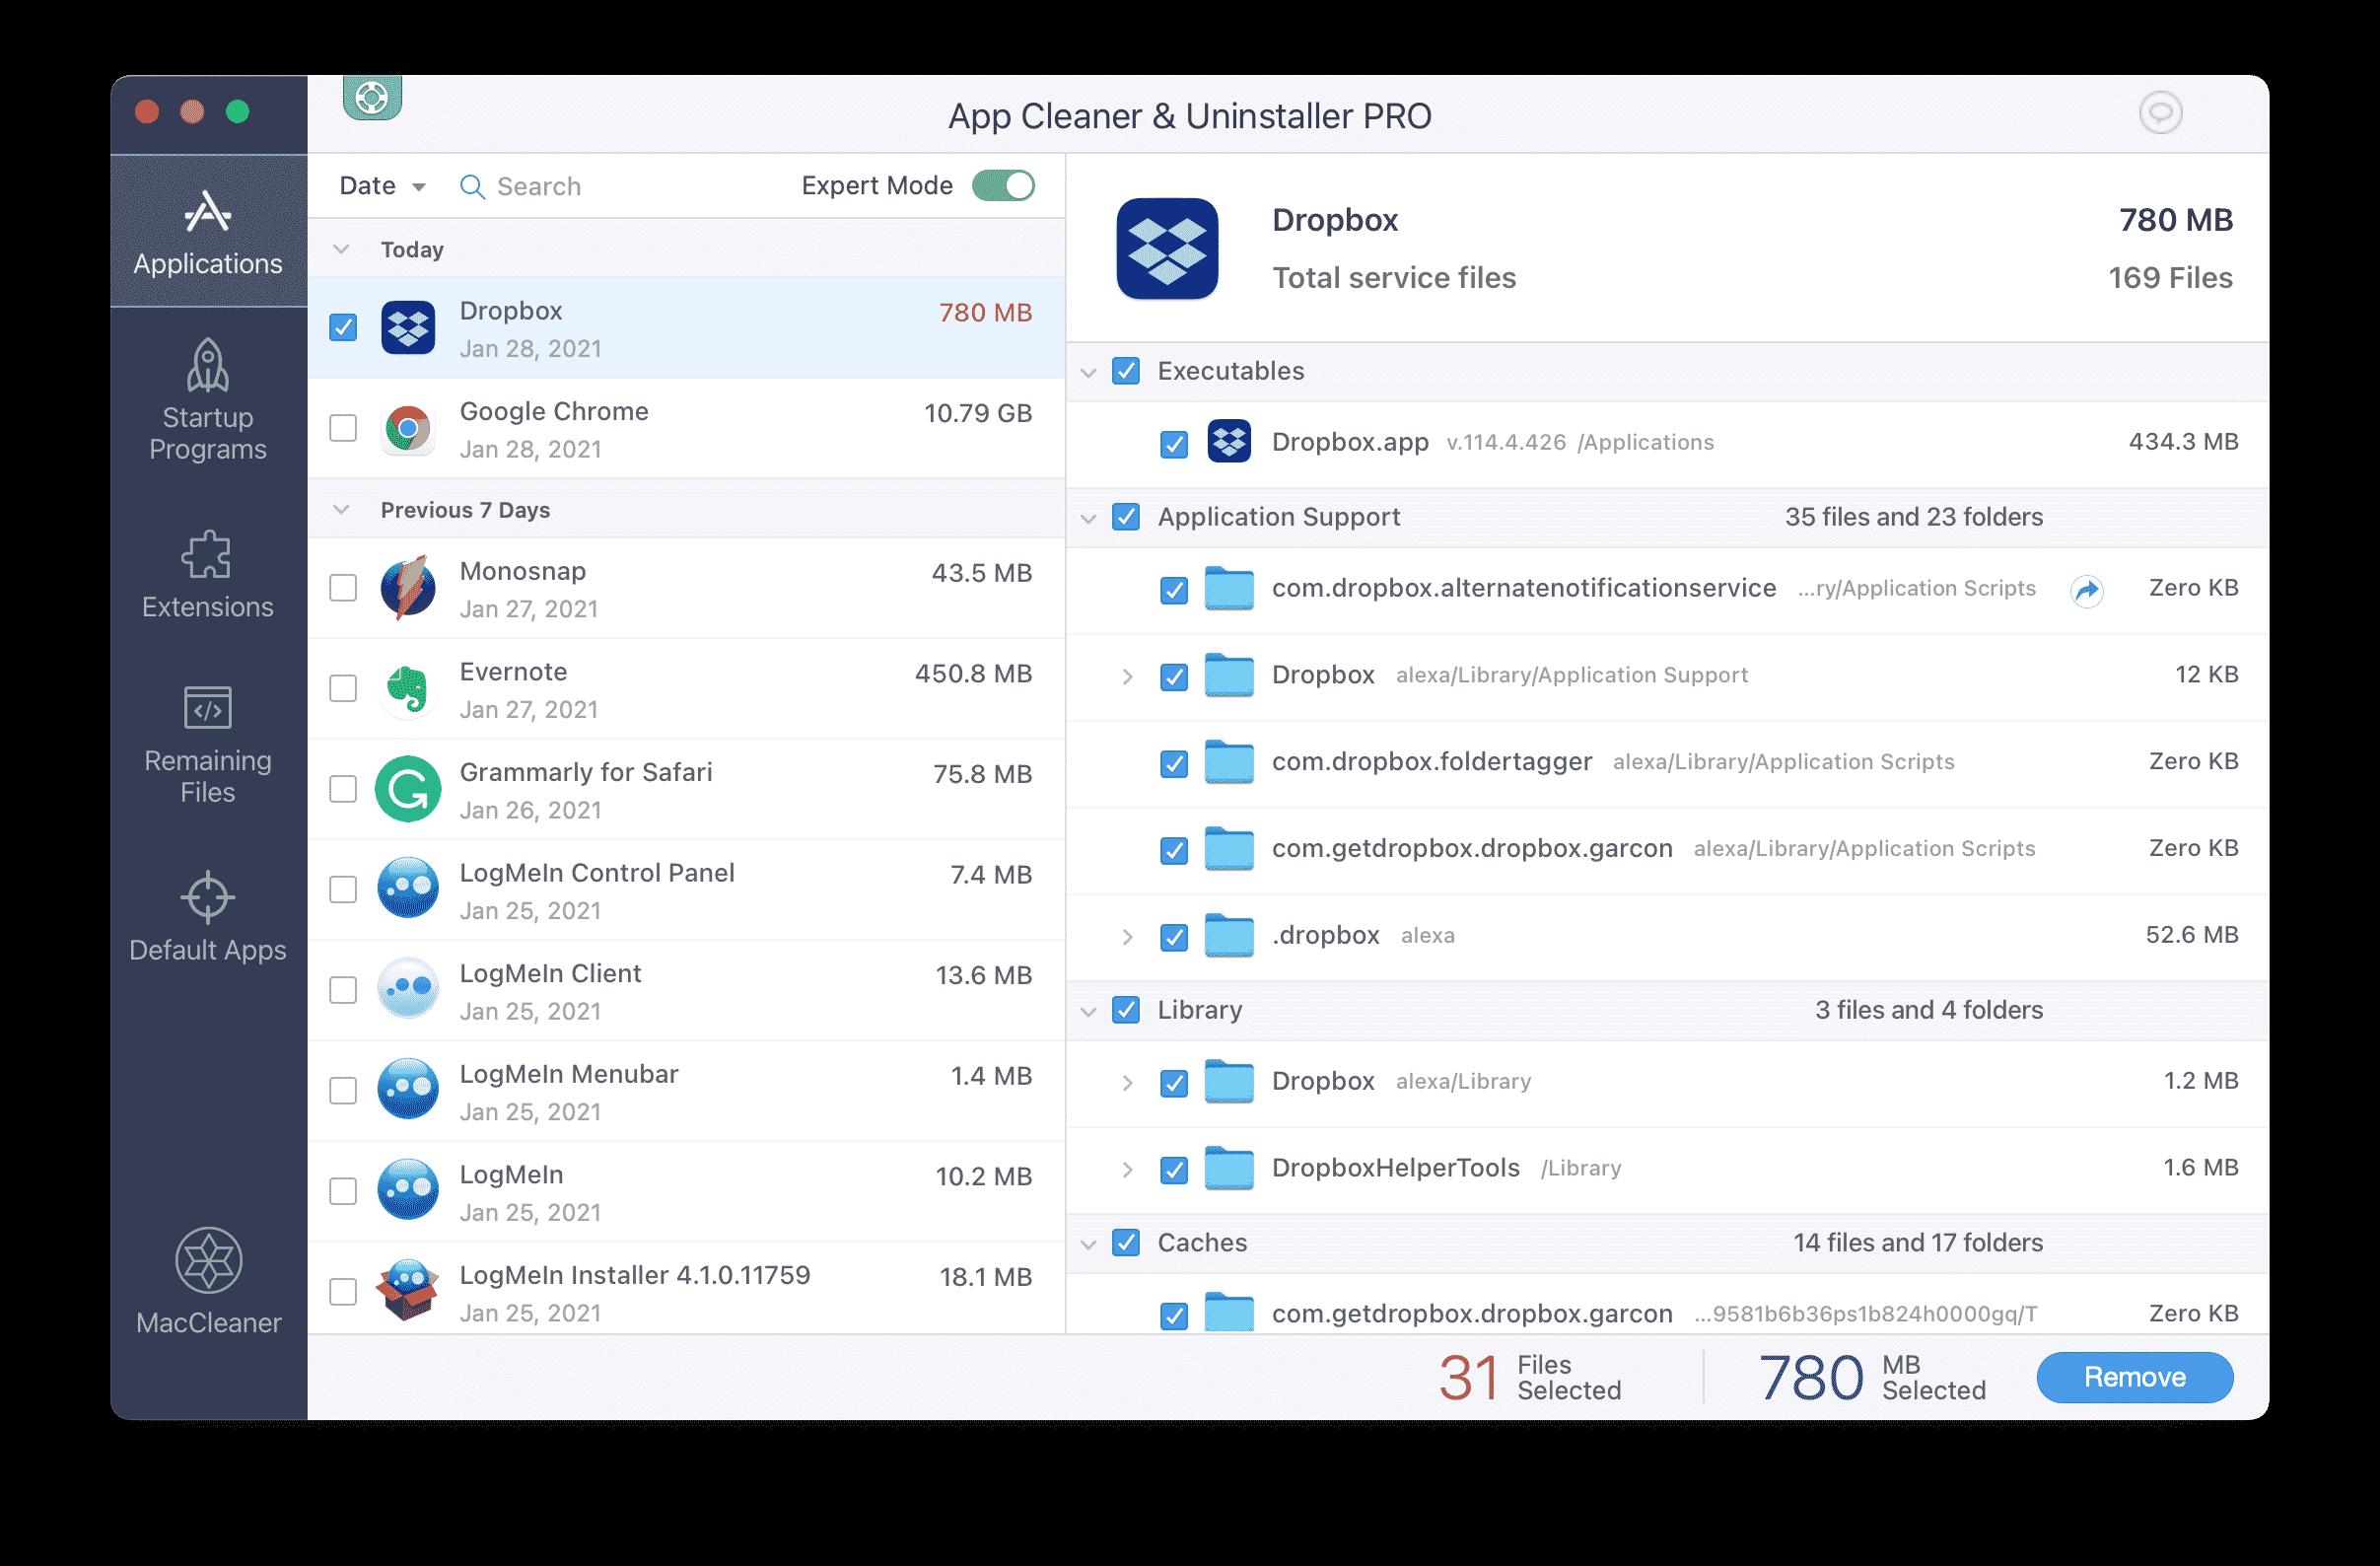 App Cleaner & Uninstaller showing Dropbox